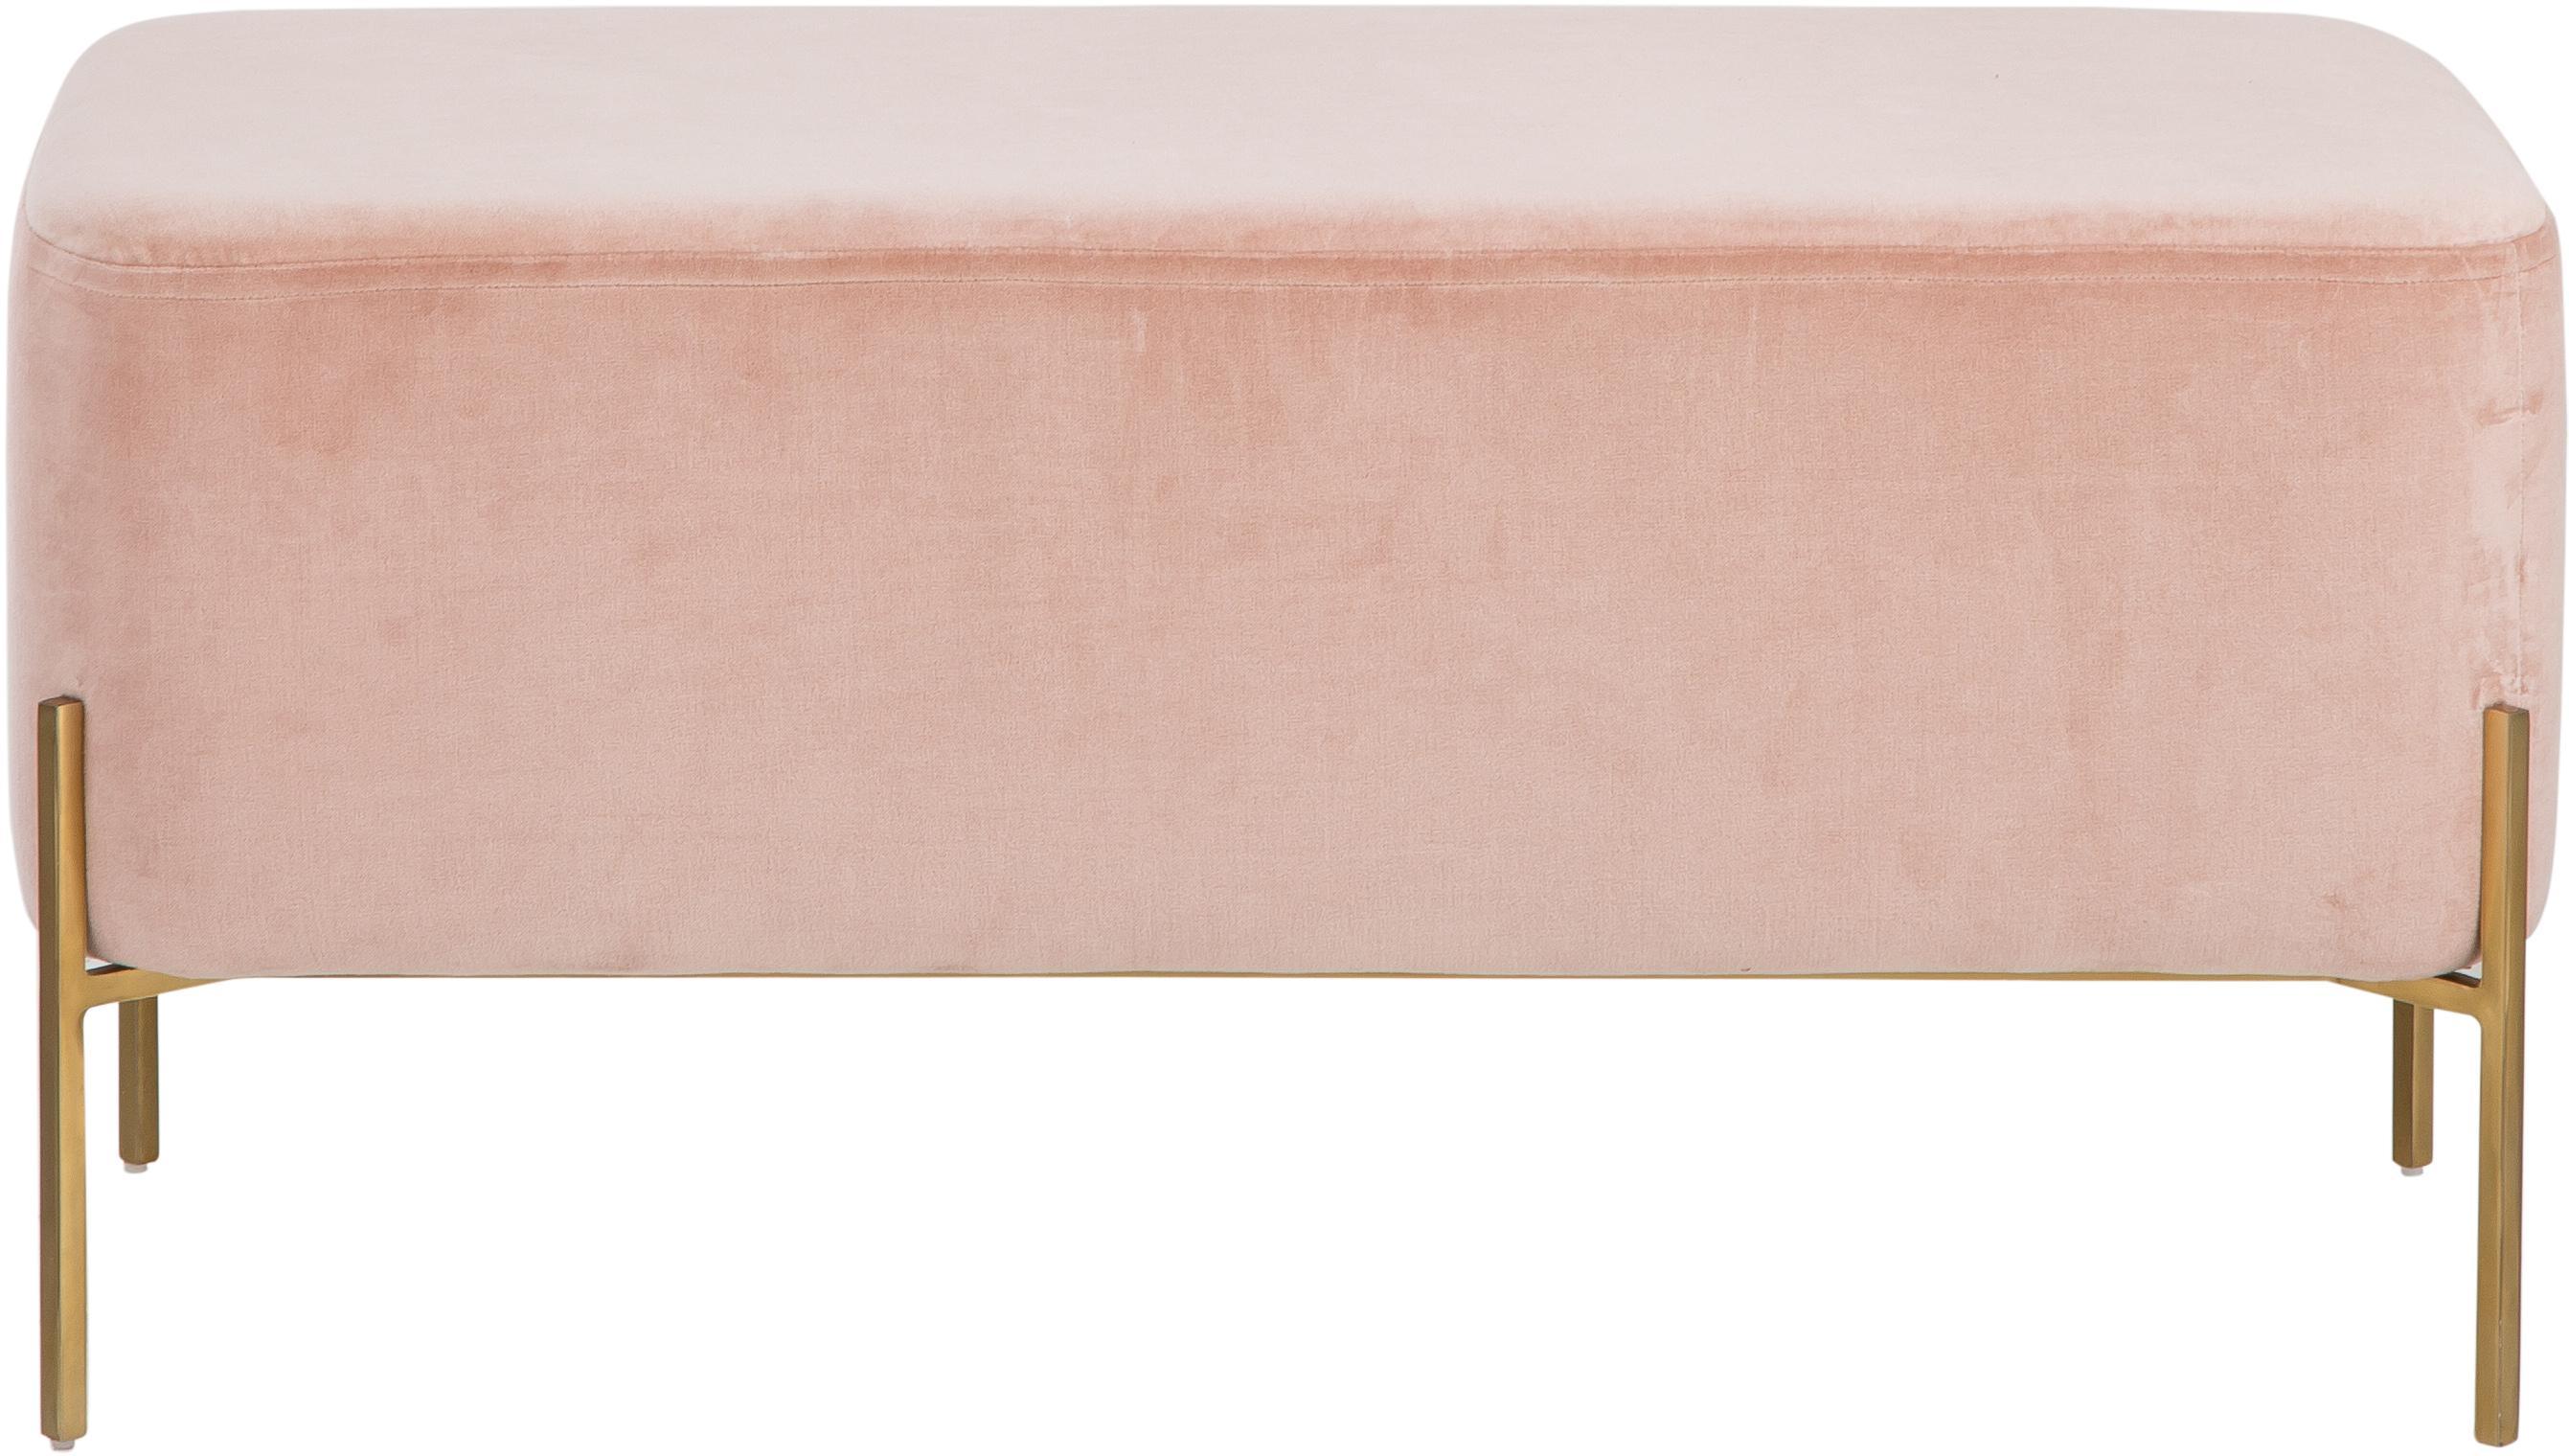 Samt-Polsterbank Harper, Bezug: Baumwollsamt, Fuß: Metall, pulverbeschichtet, Altrosa, Goldfarben, 90 x 44 cm